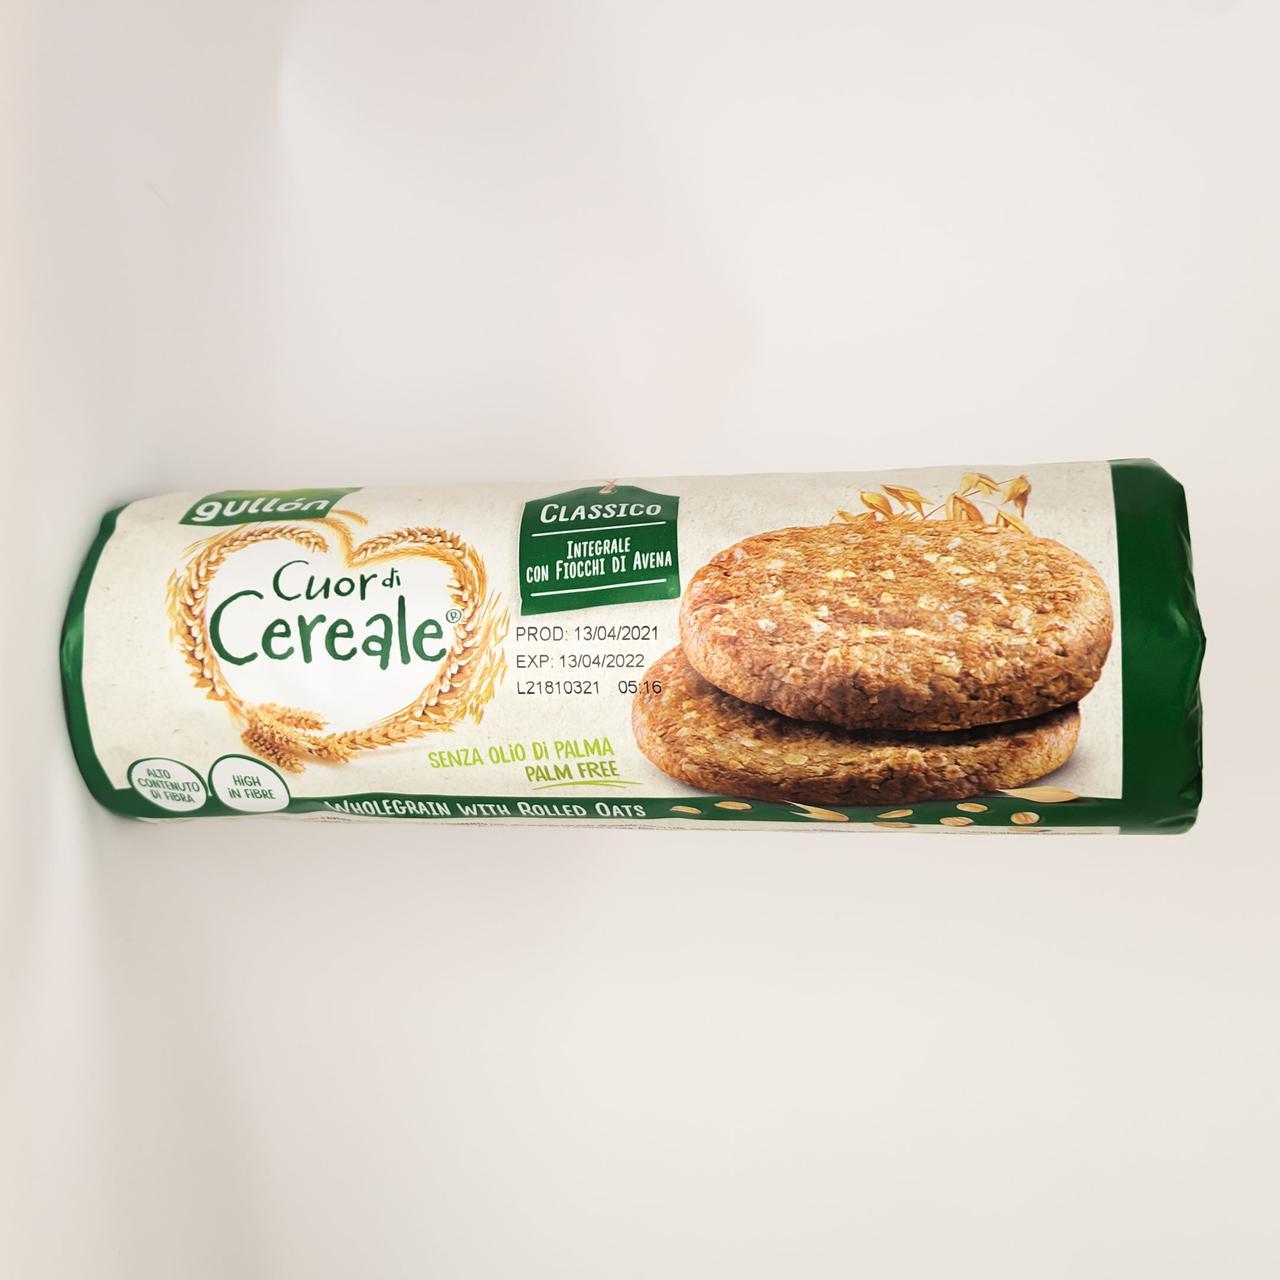 Печенье Gullon Cuor di Cereale 280 gramm